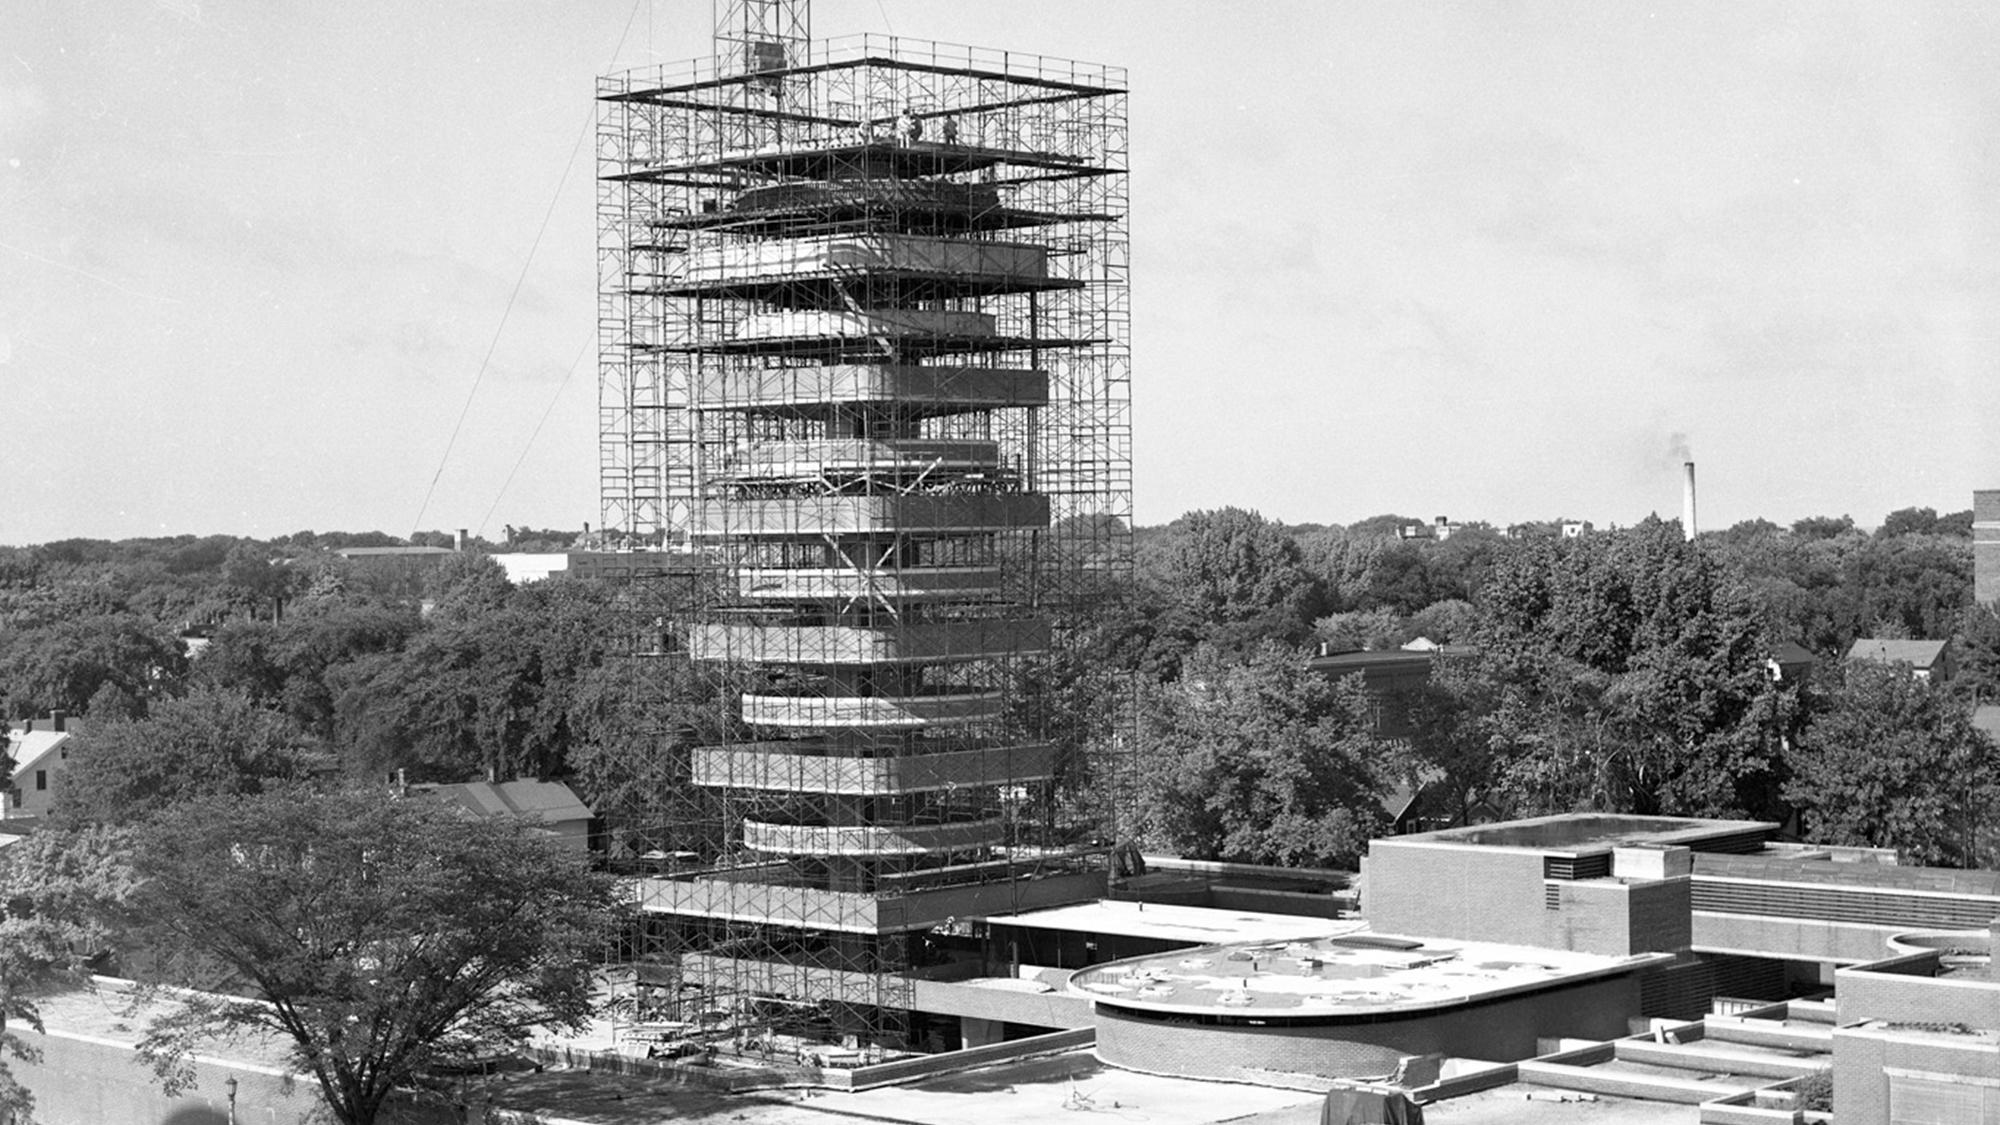 A construção começa no famoso edifício de Frank Lloyd Wright